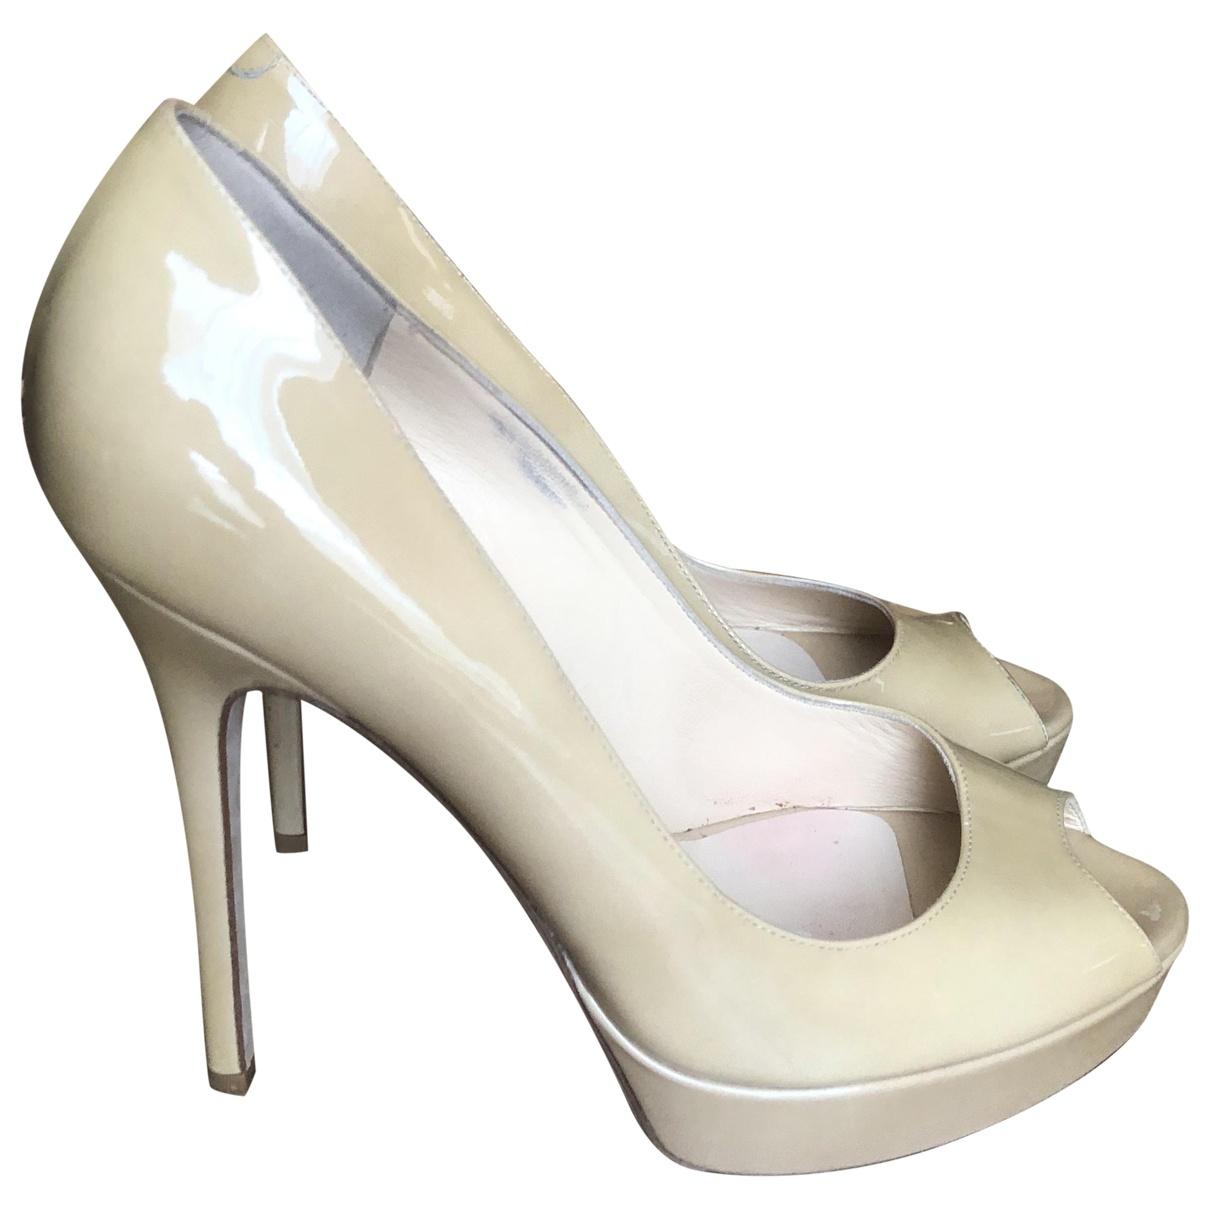 Jimmy Choo \N Beige Patent leather Heels for Women 38 EU